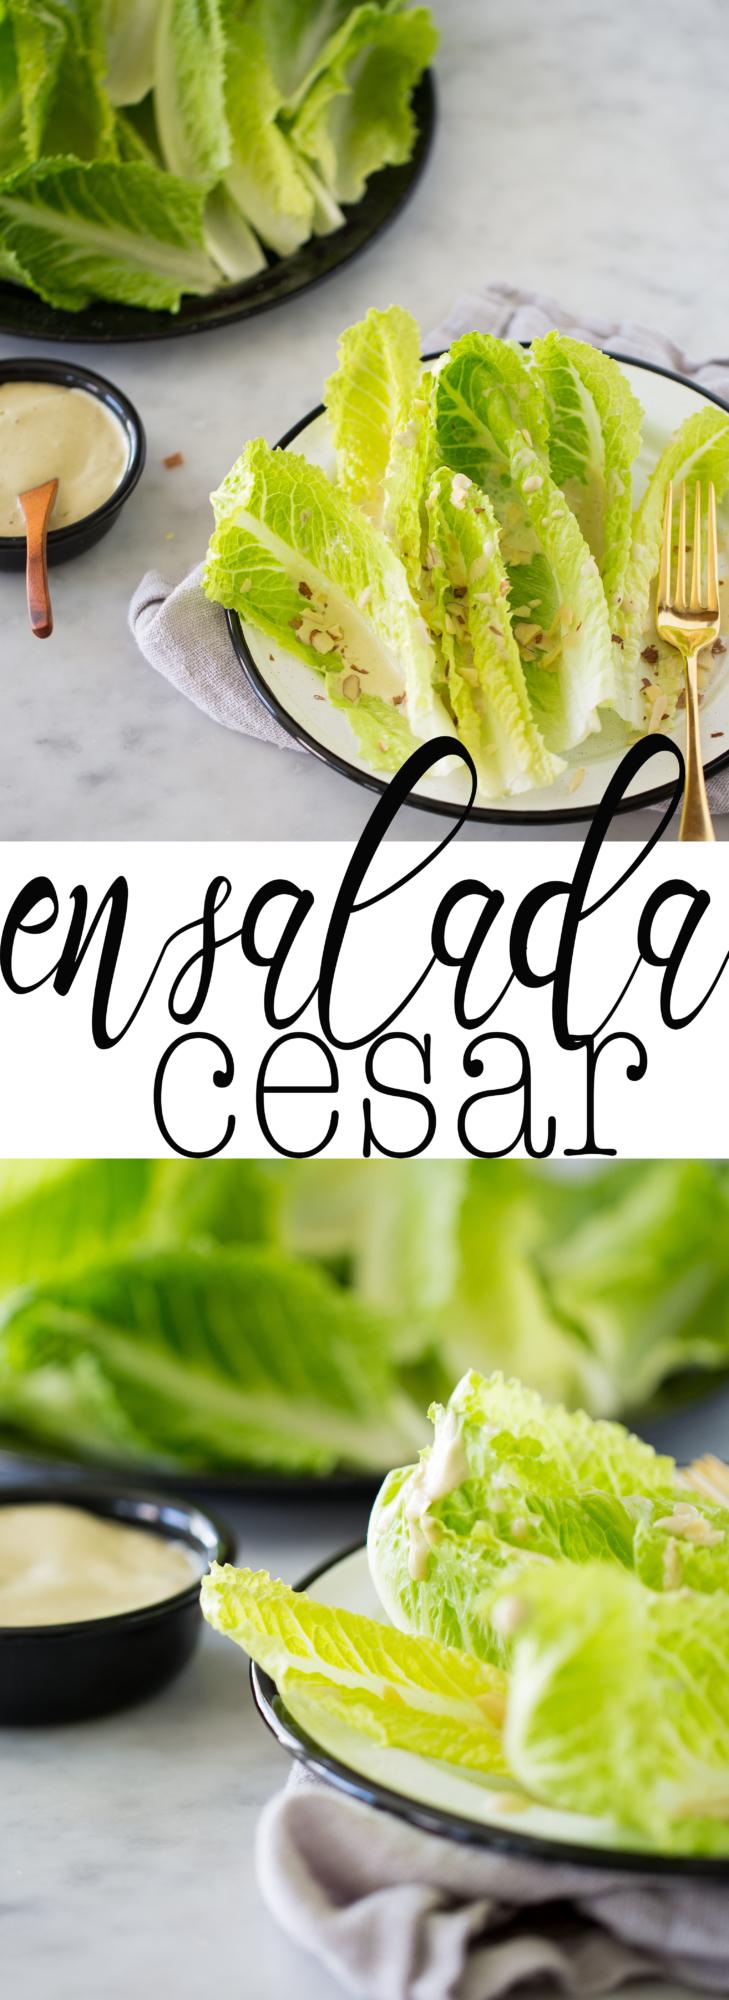 REceta de ensalada cesar vegana, el aderezo está hecho con almendras, alcaparras y jugo de lión, entre otros ingredientes.